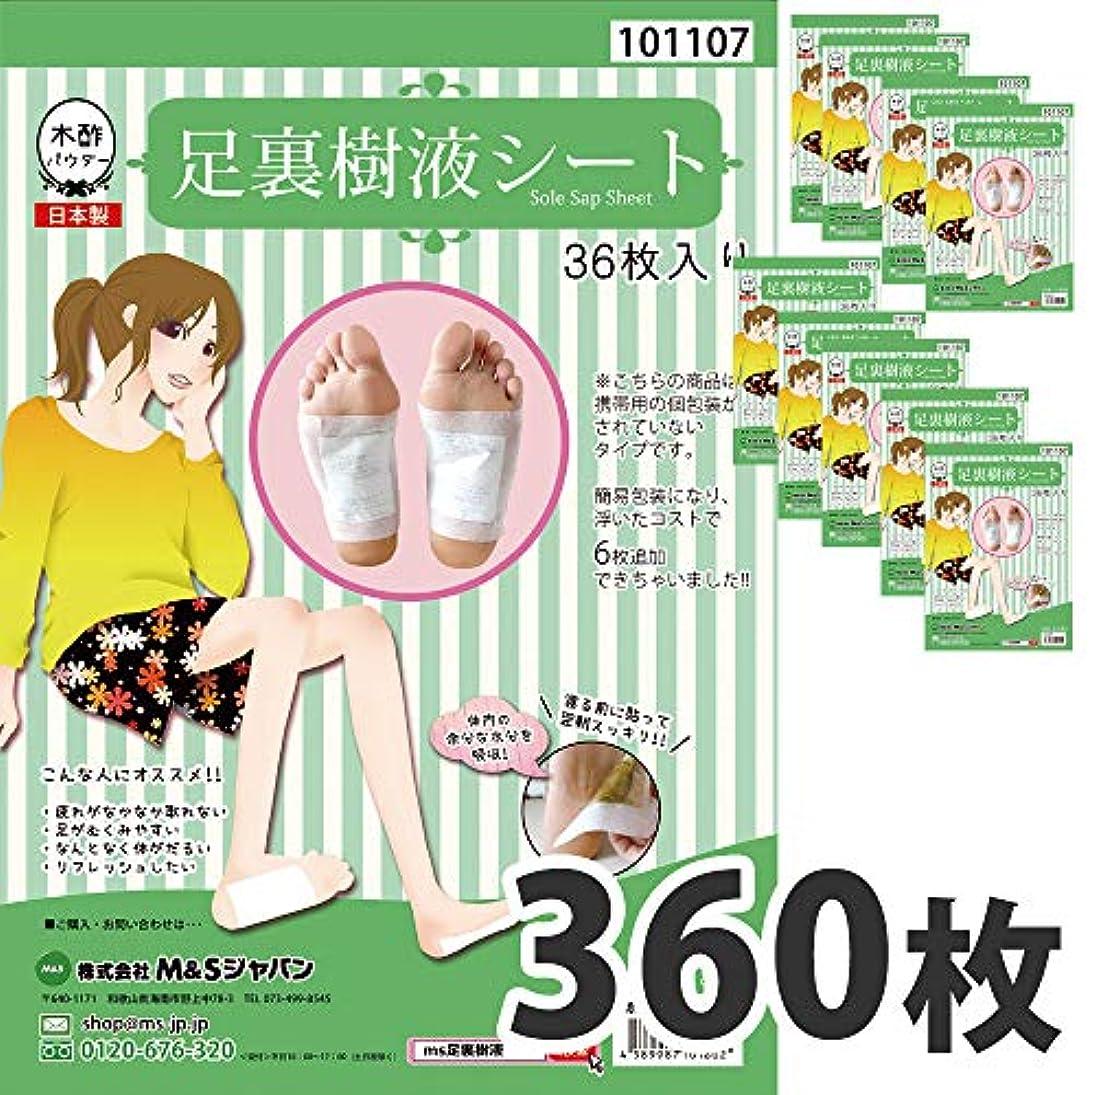 オフセット計算可能ヘビ日本製 足裏樹液シート 足裏シート お得 人気 樹液シート 足裏 (360枚入り)